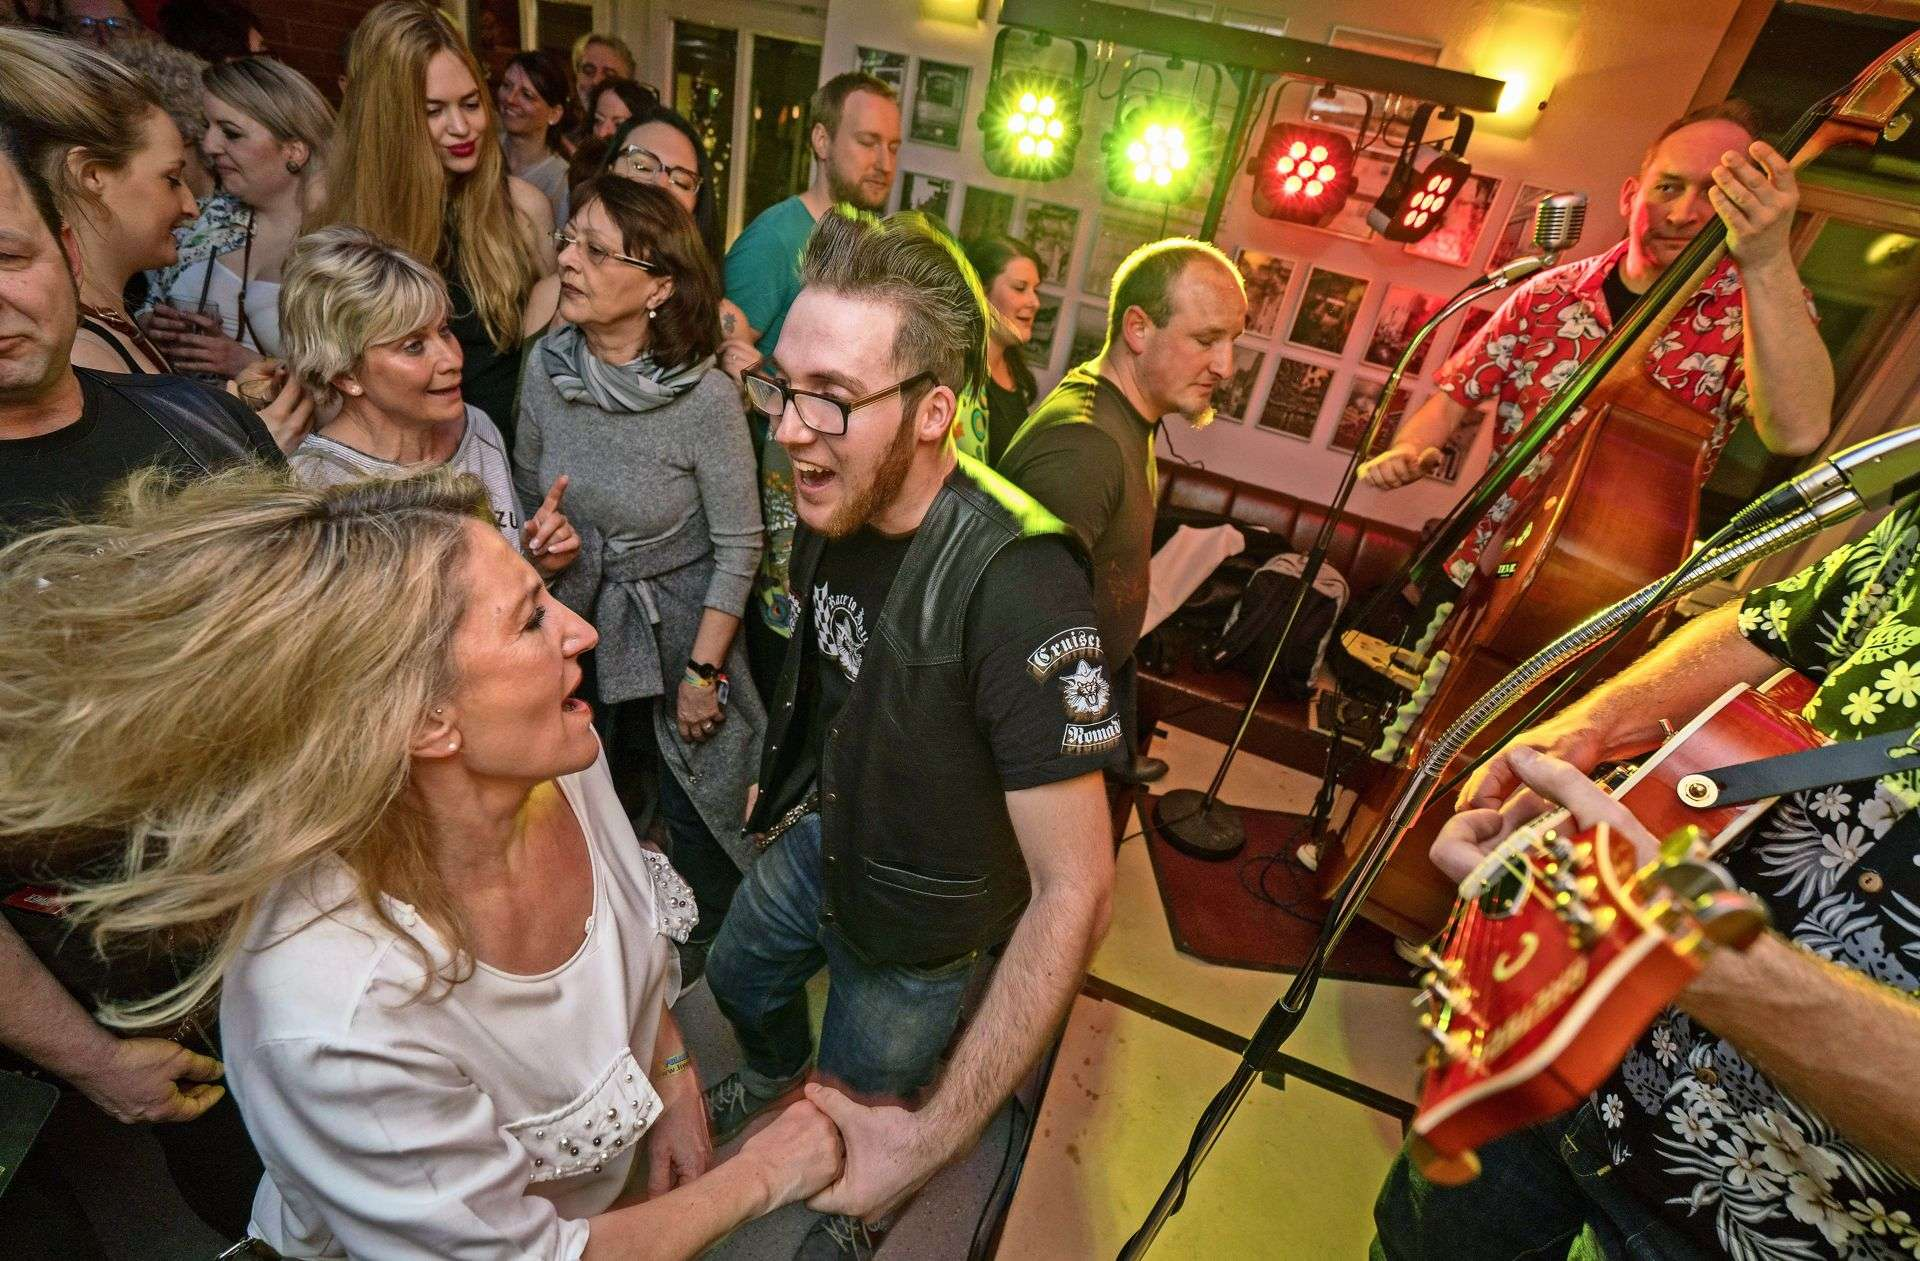 Kneipenfestival in Böblingen: Mehr als 3500 Besucher